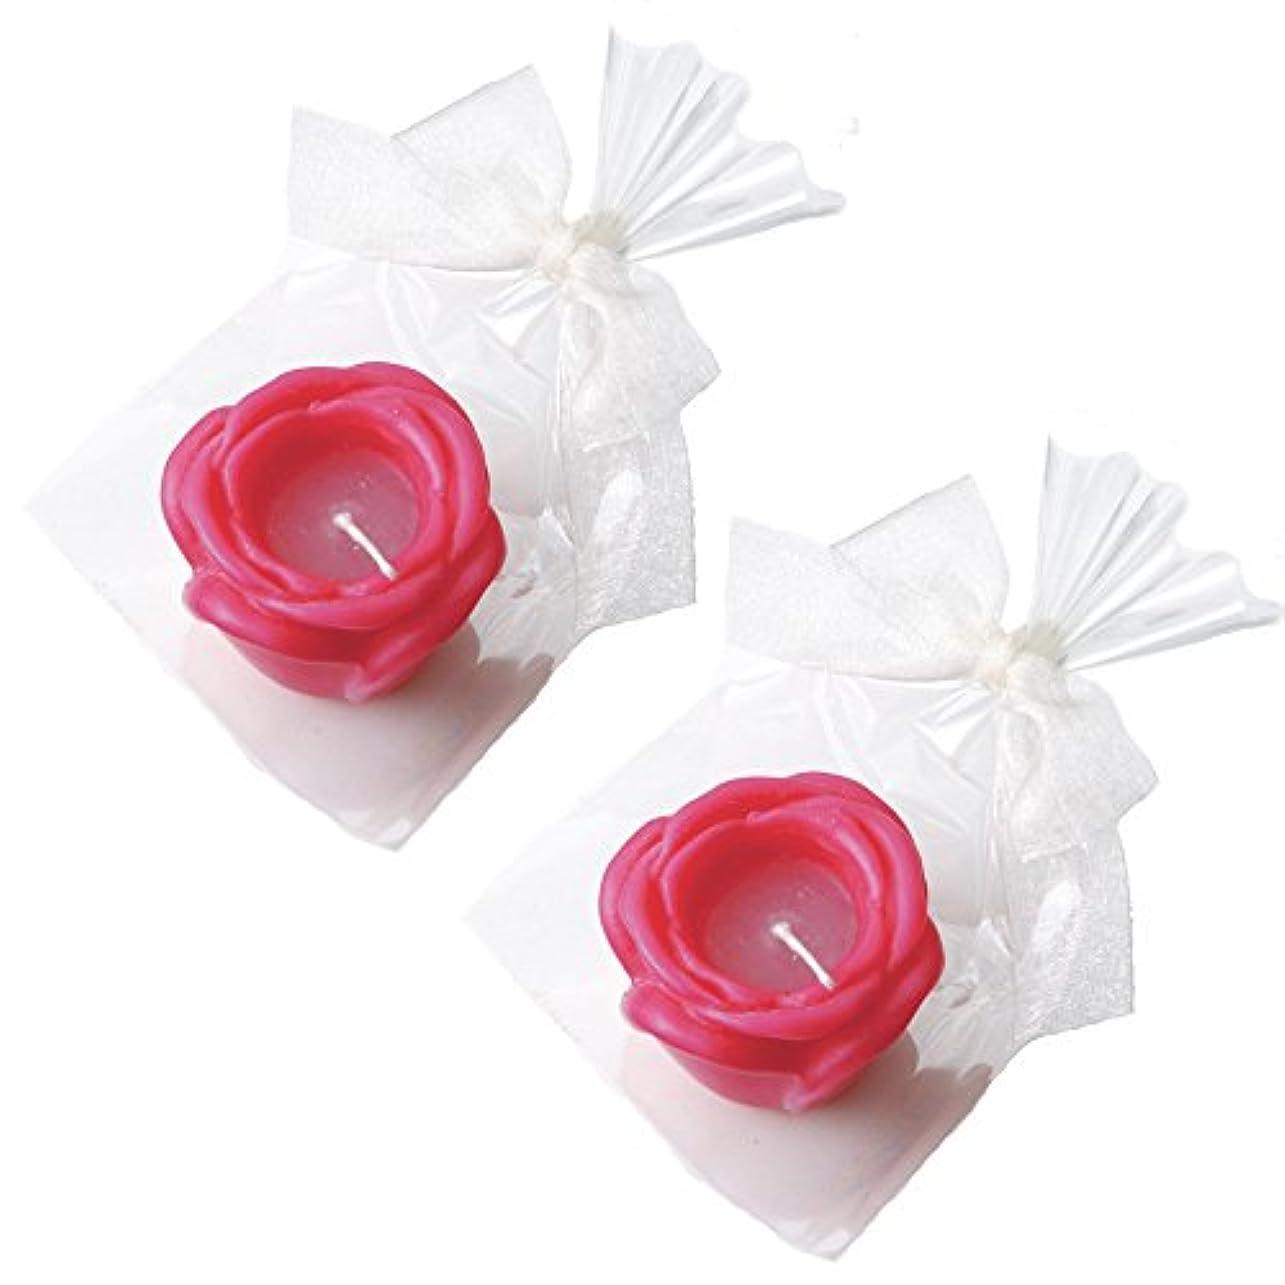 解釈的簡単な郵便番号カメヤマキャンドルハウス プチラビアンローズキャンドル 1個入 ローズの香り ローズピンク ×2個セット